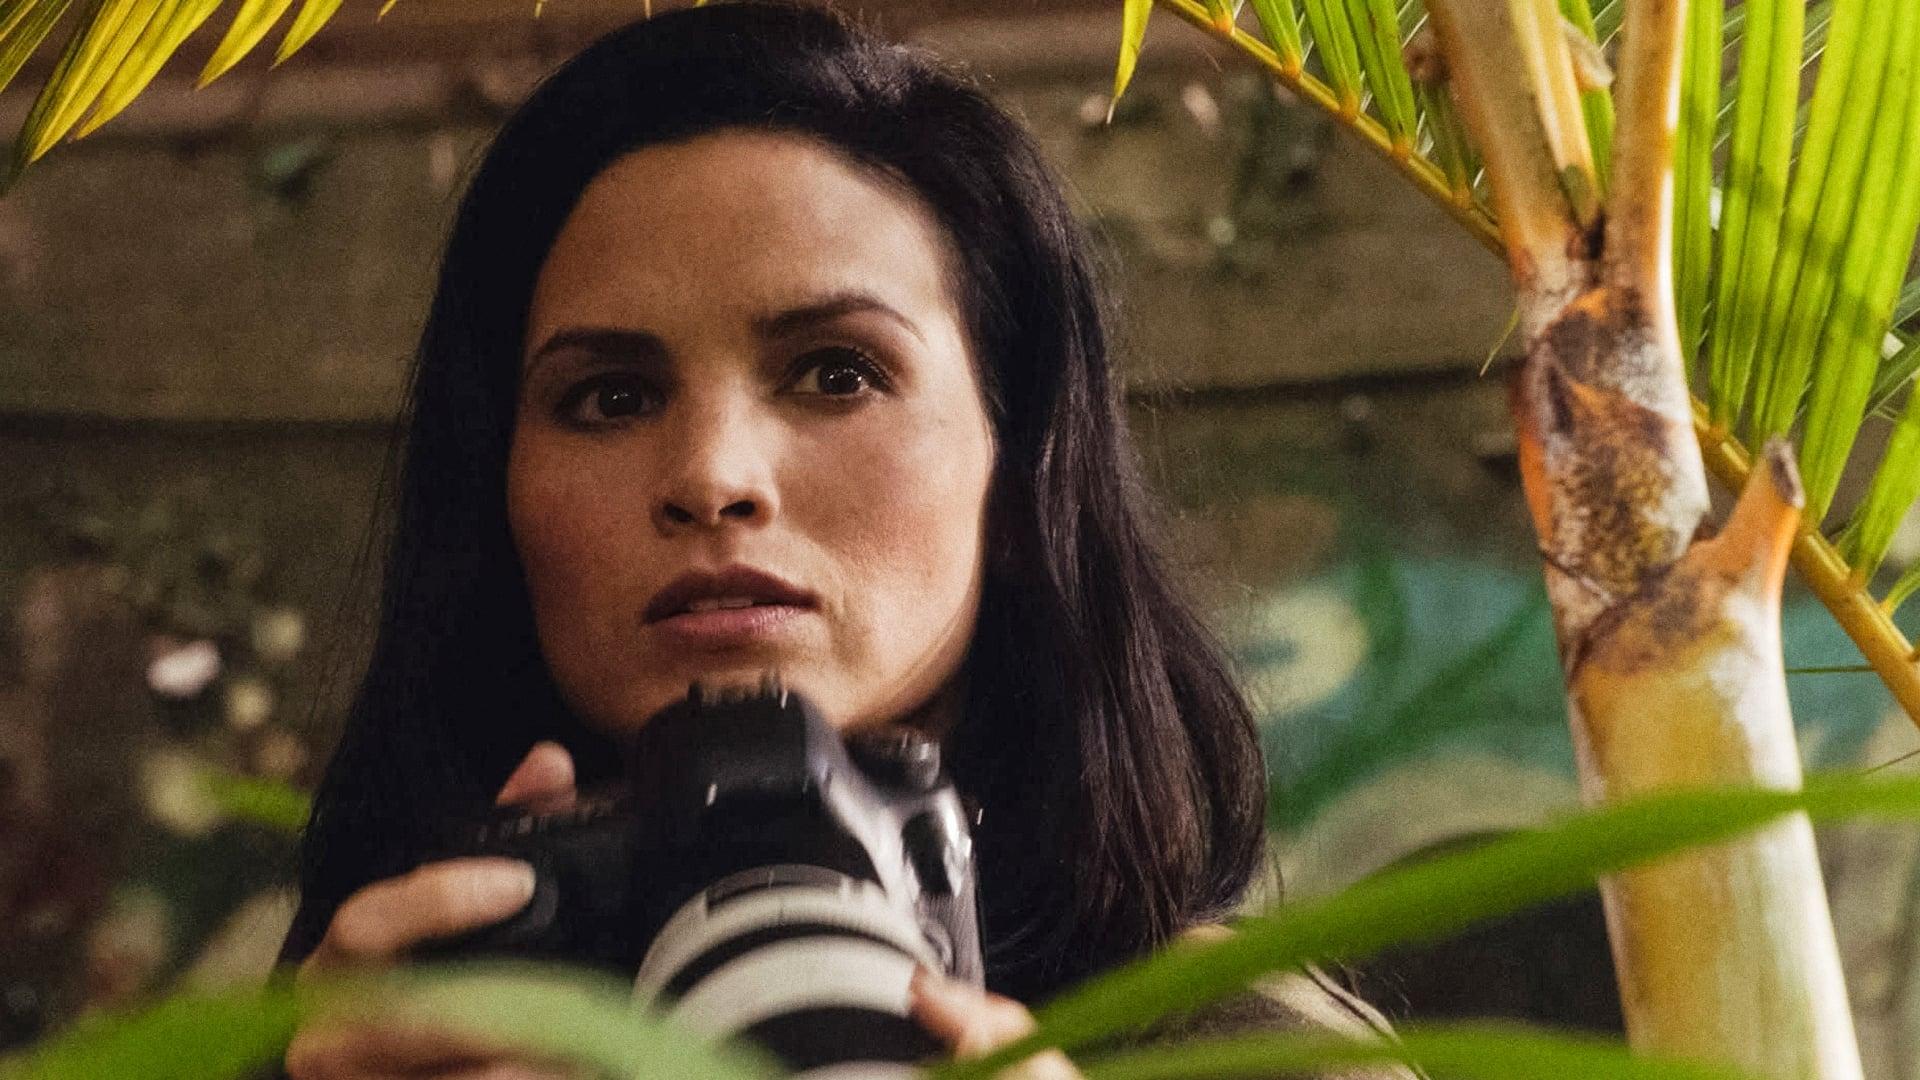 Hawaii Five-0 - Season 10 Episode 3 : E uhi ana ka wa i hala i na mea i hala (Passing time obscures the past)